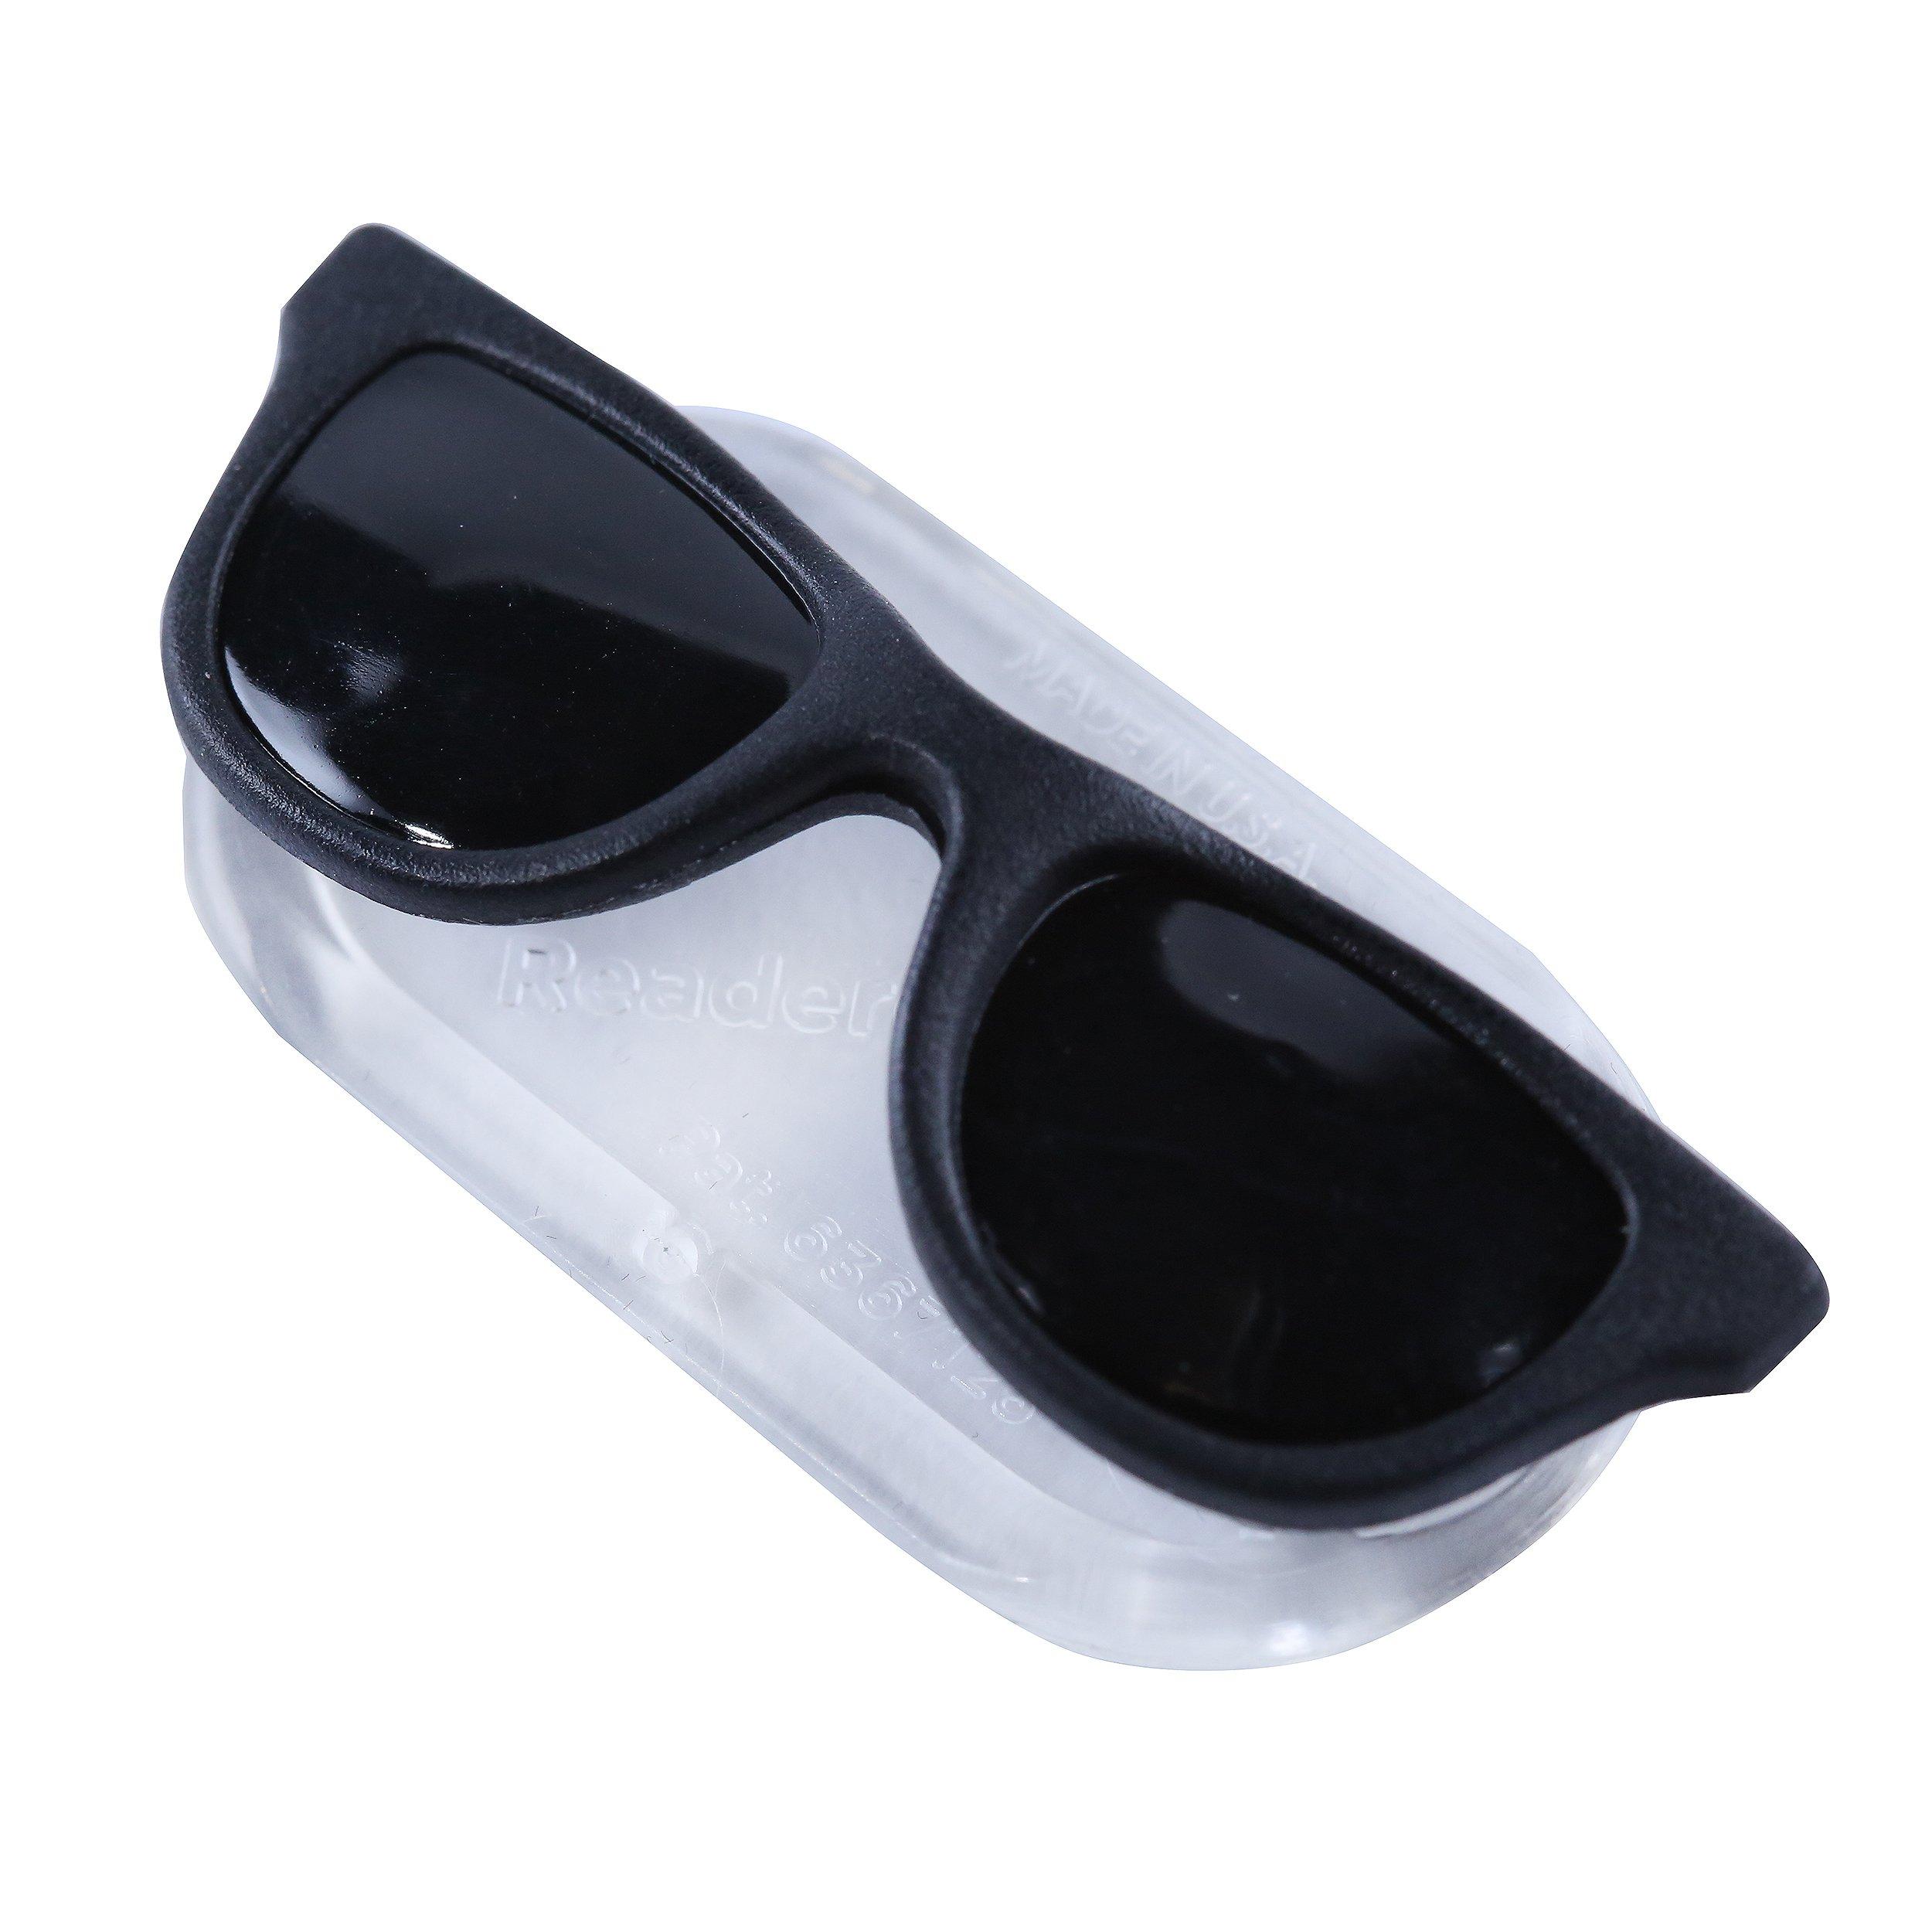 ReadeREST Magnetic Eyeglass Holder for Men & Women, Black Shades Edition